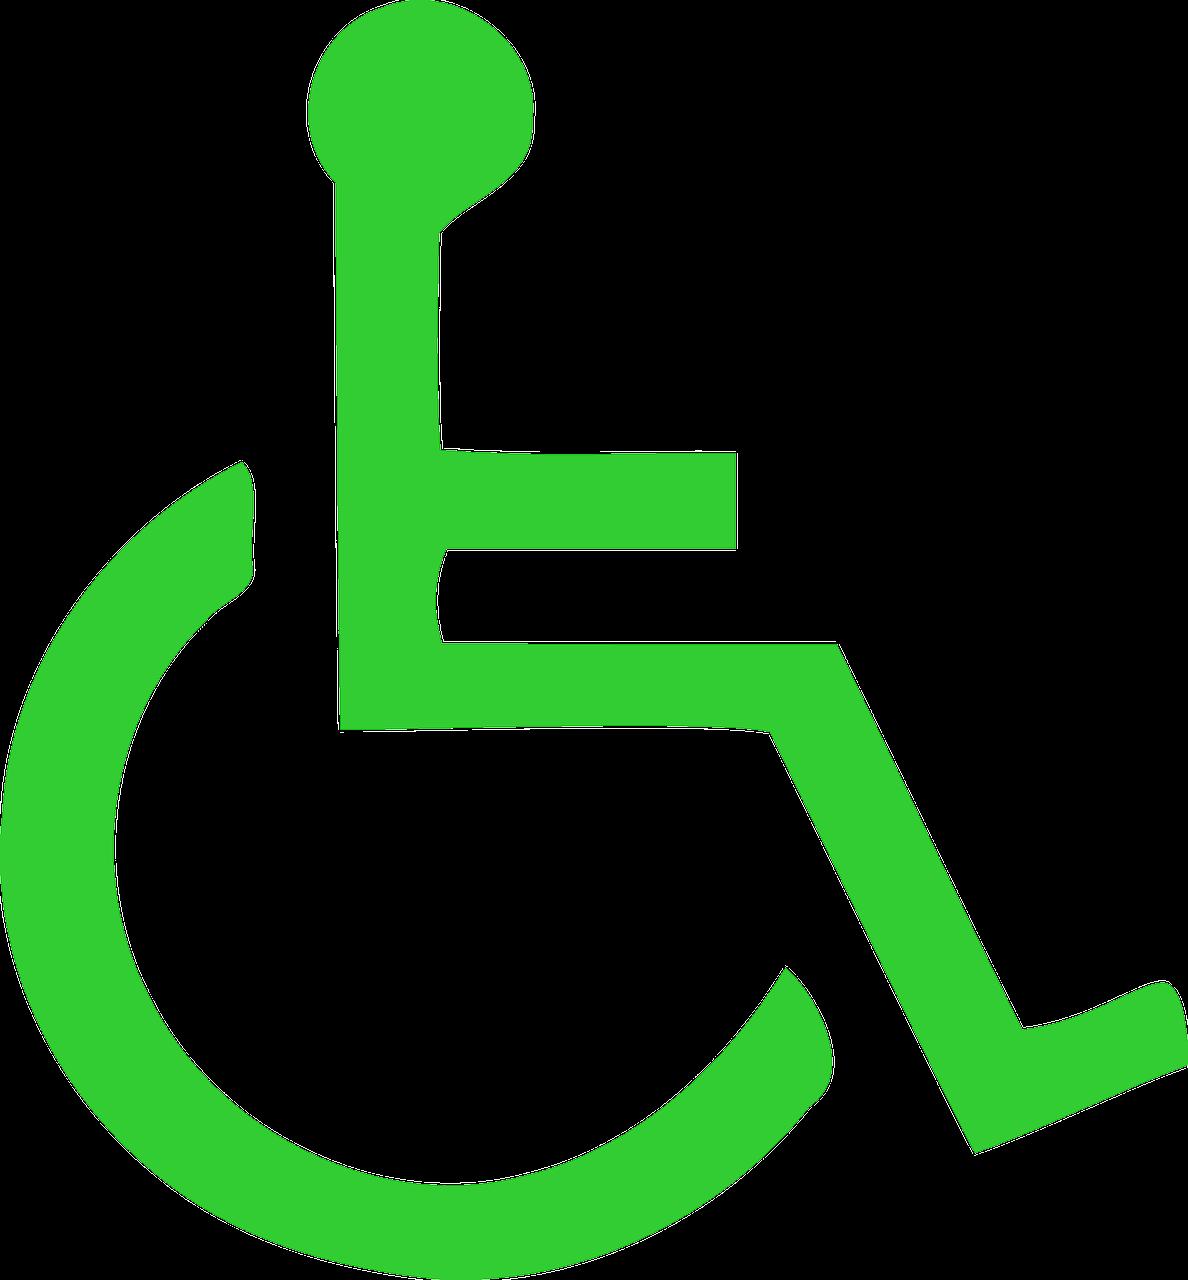 Zo Eigen beoordelingen instelling gehandicaptenzorg verstandelijk gehandicapten